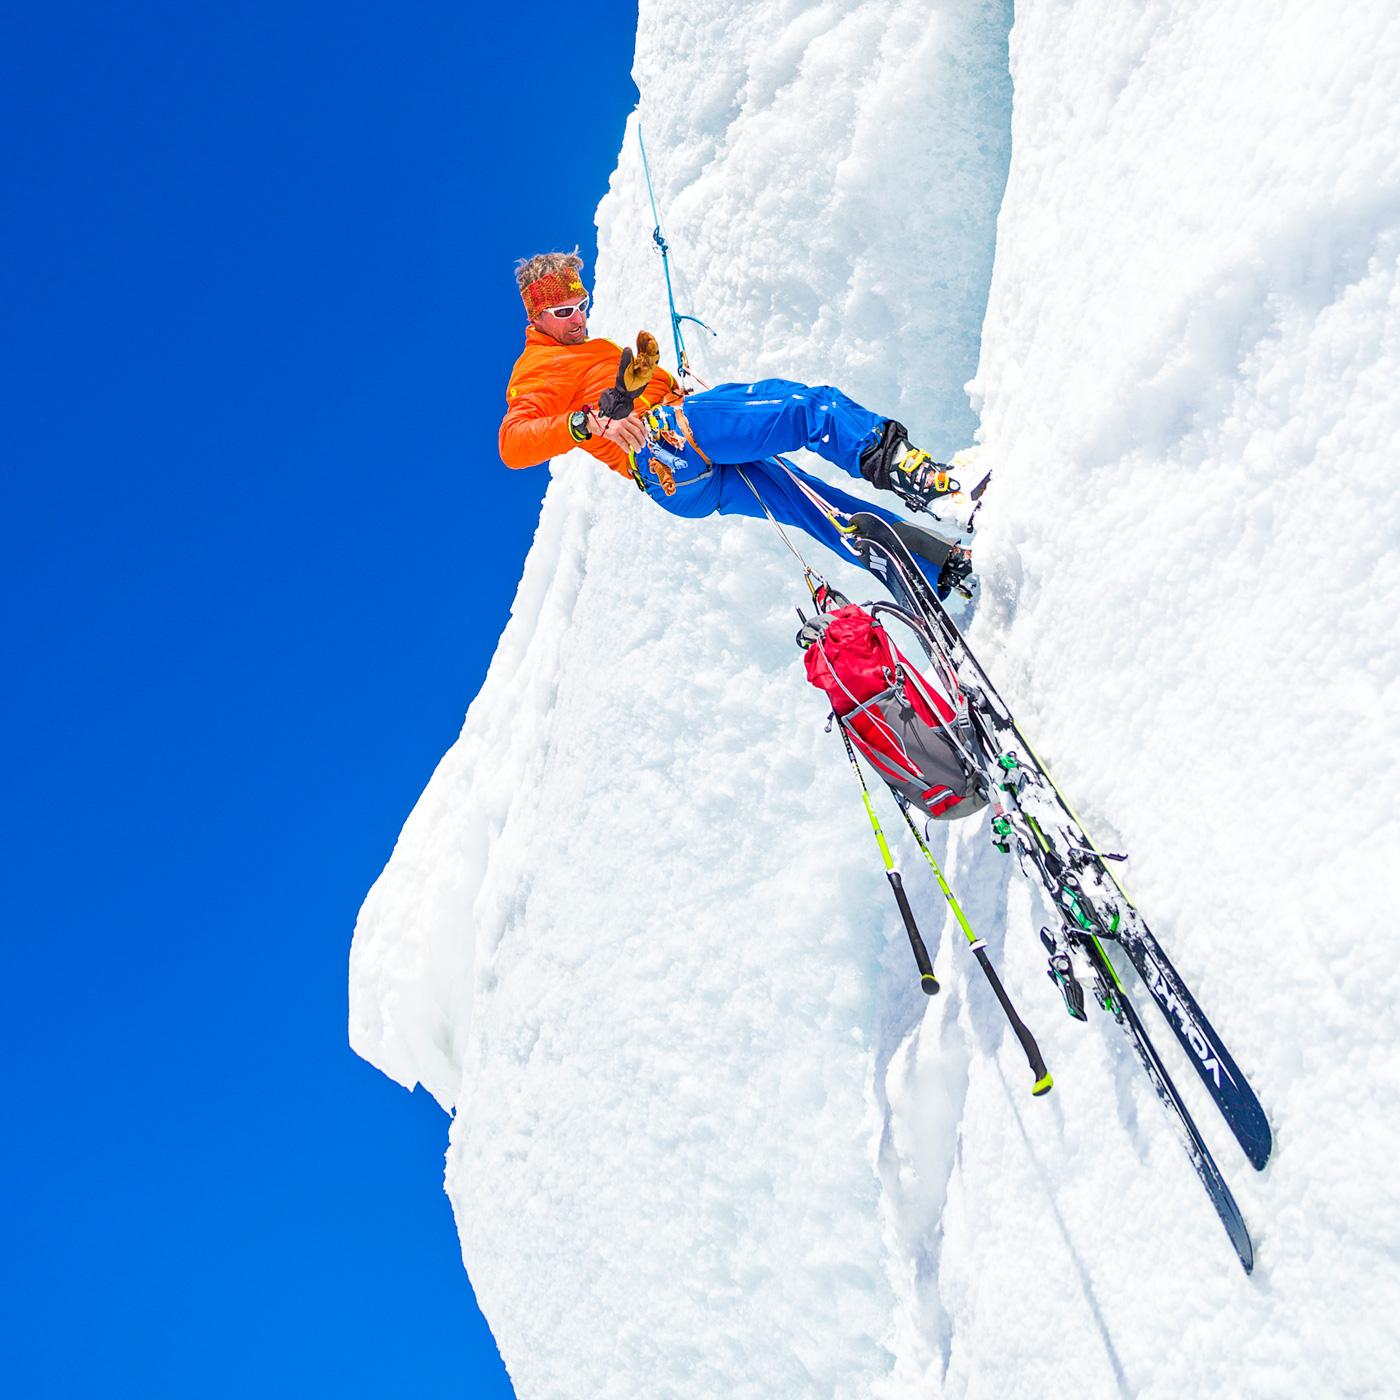 Chris Semmel Bergführer Sicherheitsforschung Bergsportgutachten